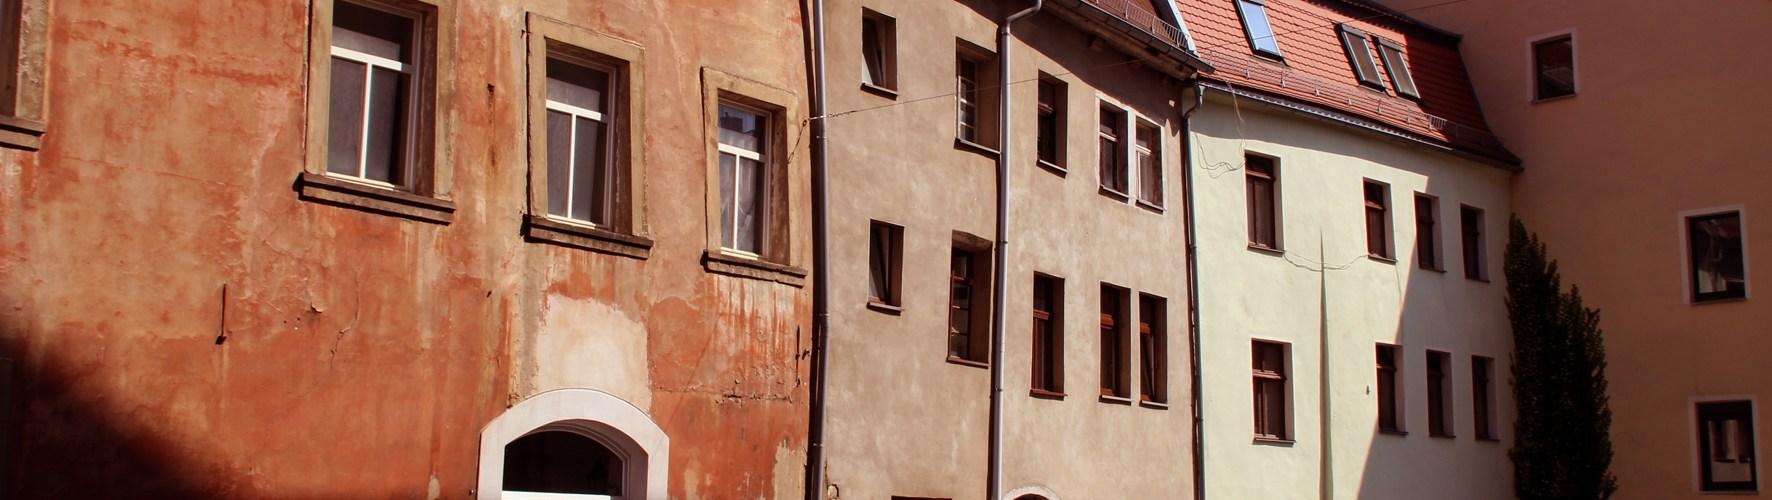 nicht Florenz, sondern Zittau